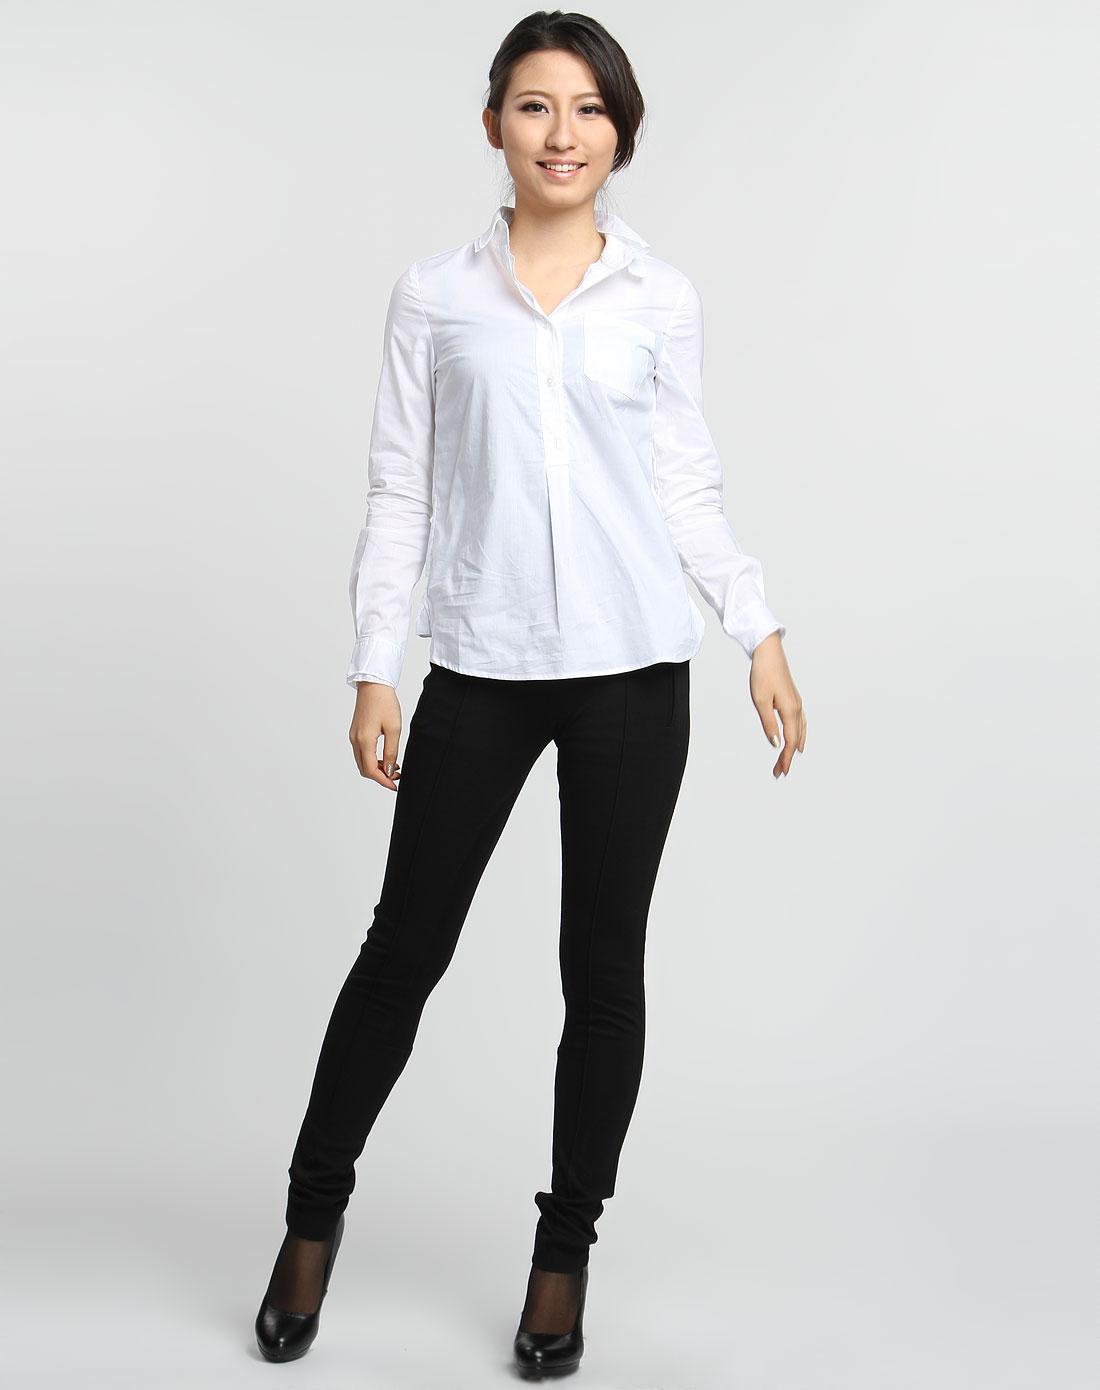 女休闲�z(�:(�ybj�f_女款白色休闲长袖衬衫